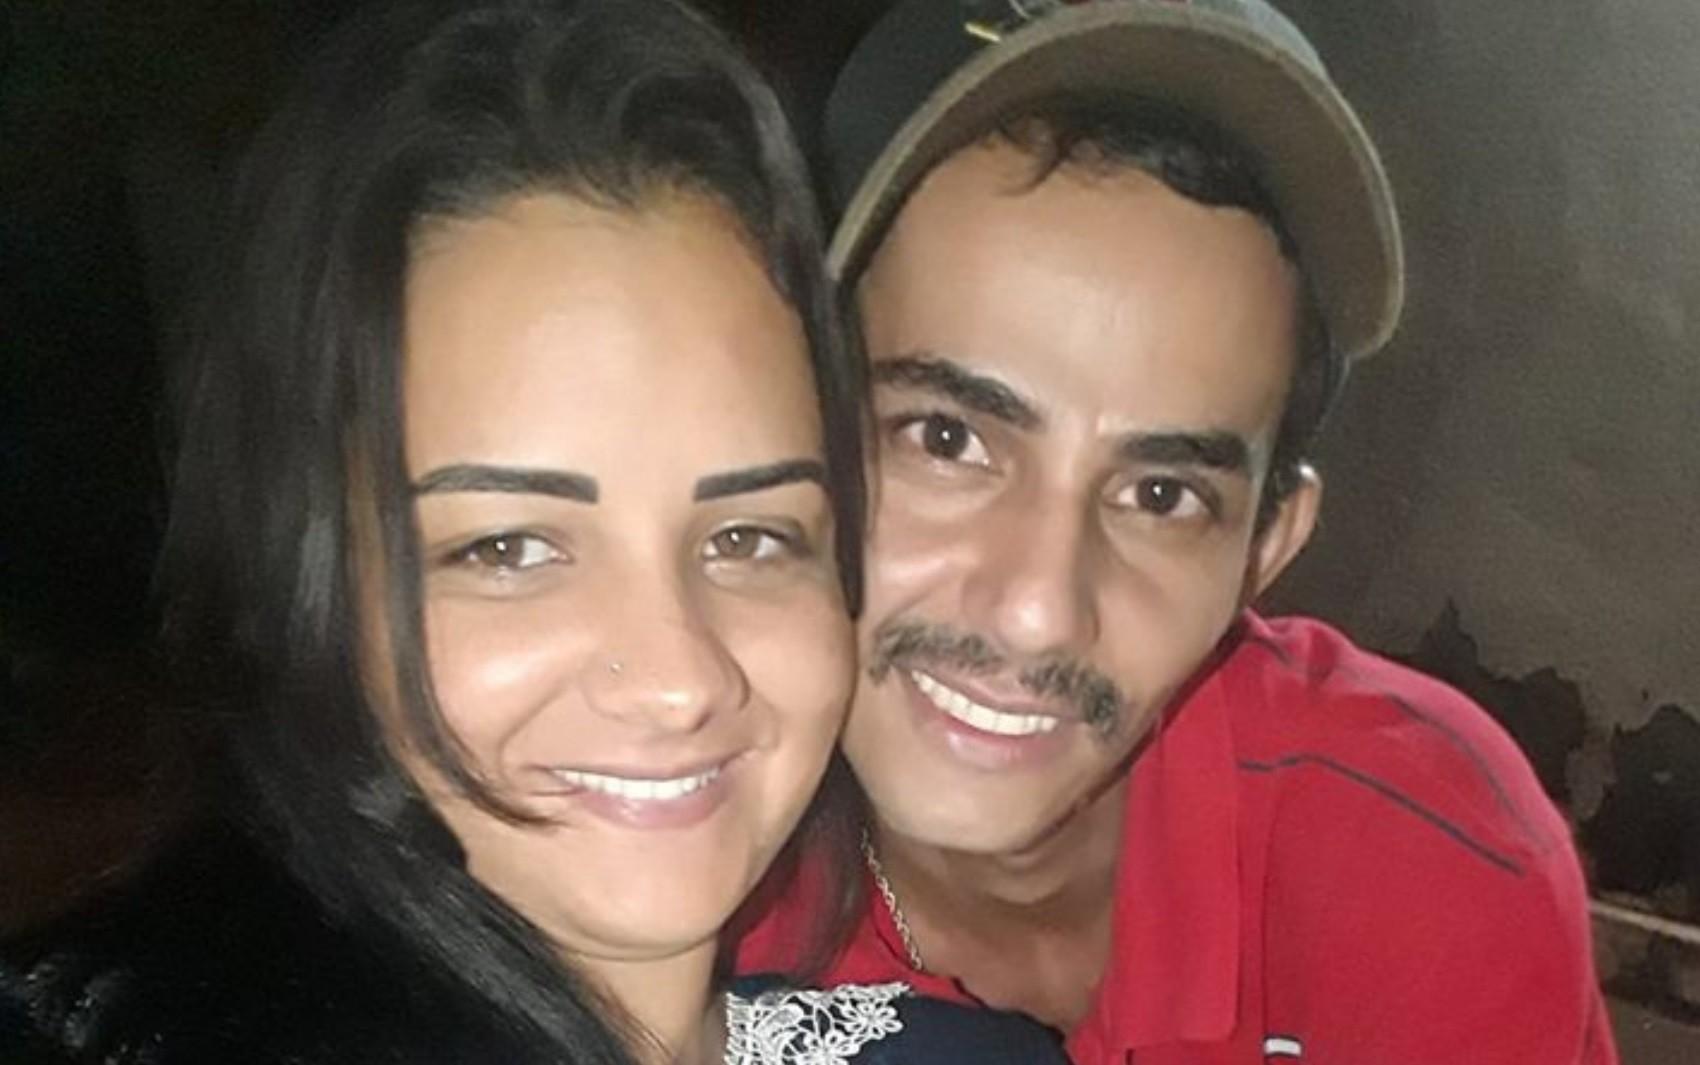 Jovem que morreu junto com o namorado em acidente na GO-156 estava grávida e planejava se casar, diz irmã